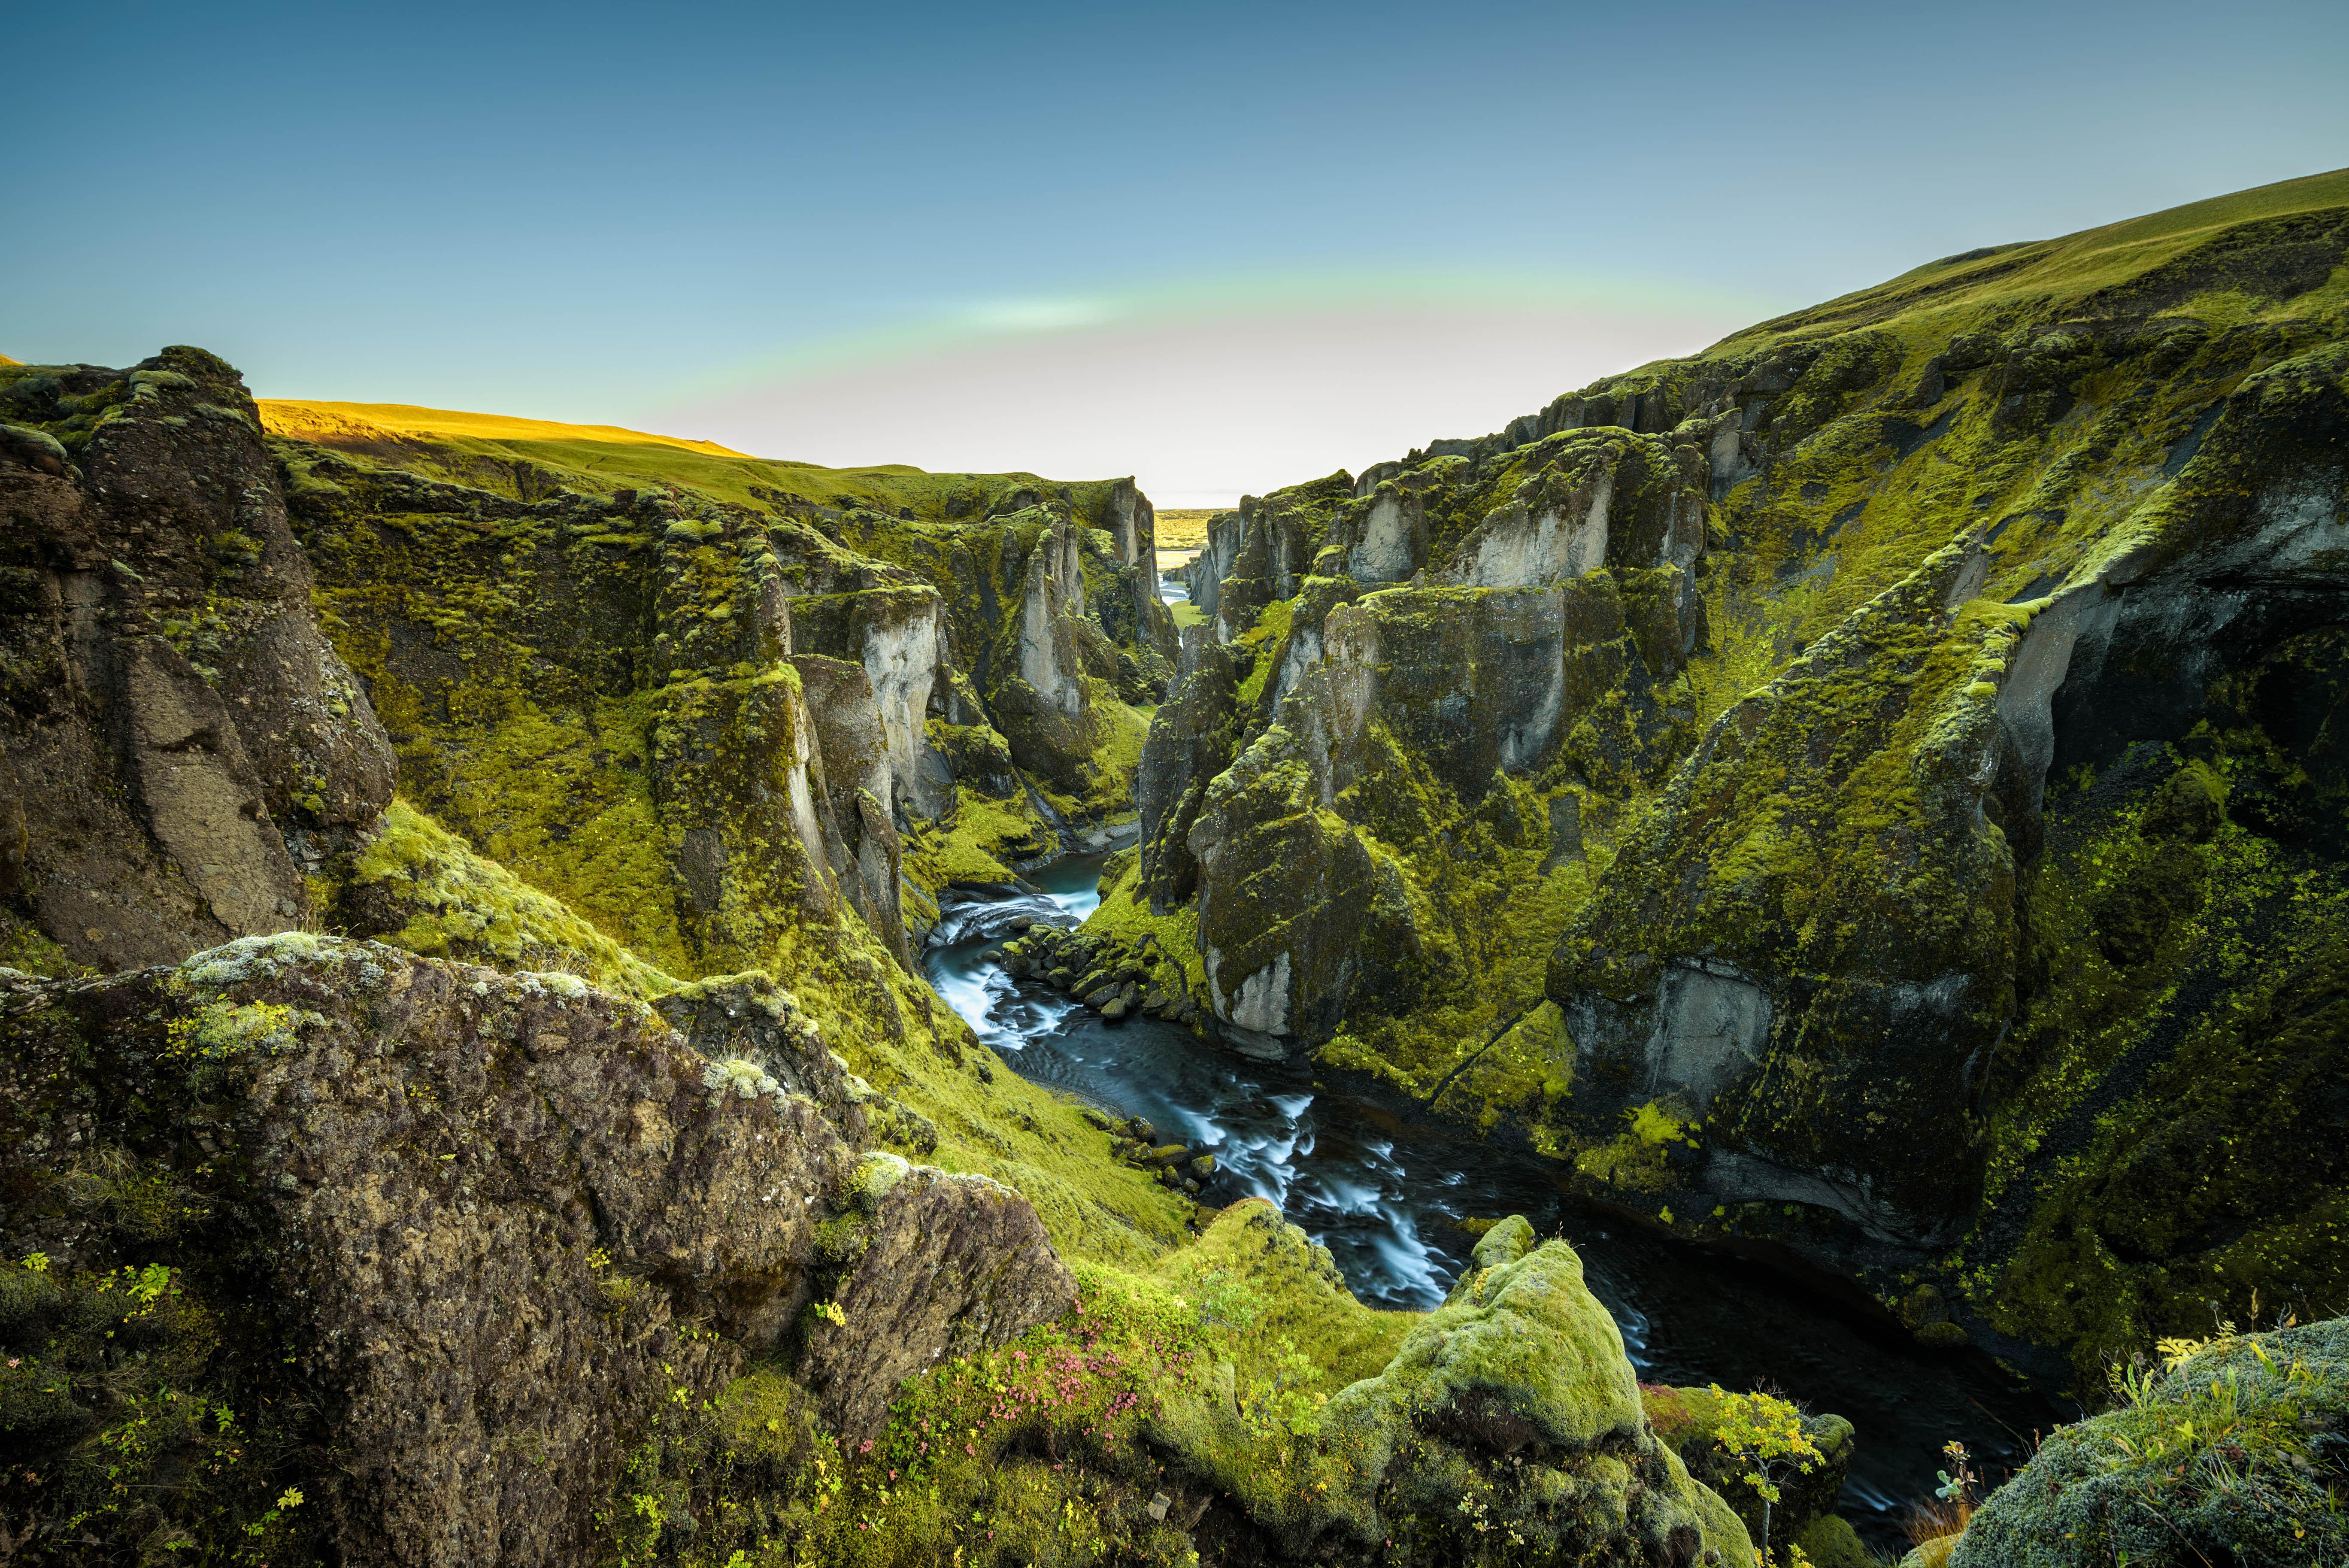 Lezárják a mesebeli kanyont Izlandon, mert különben a turisták elpusztítják